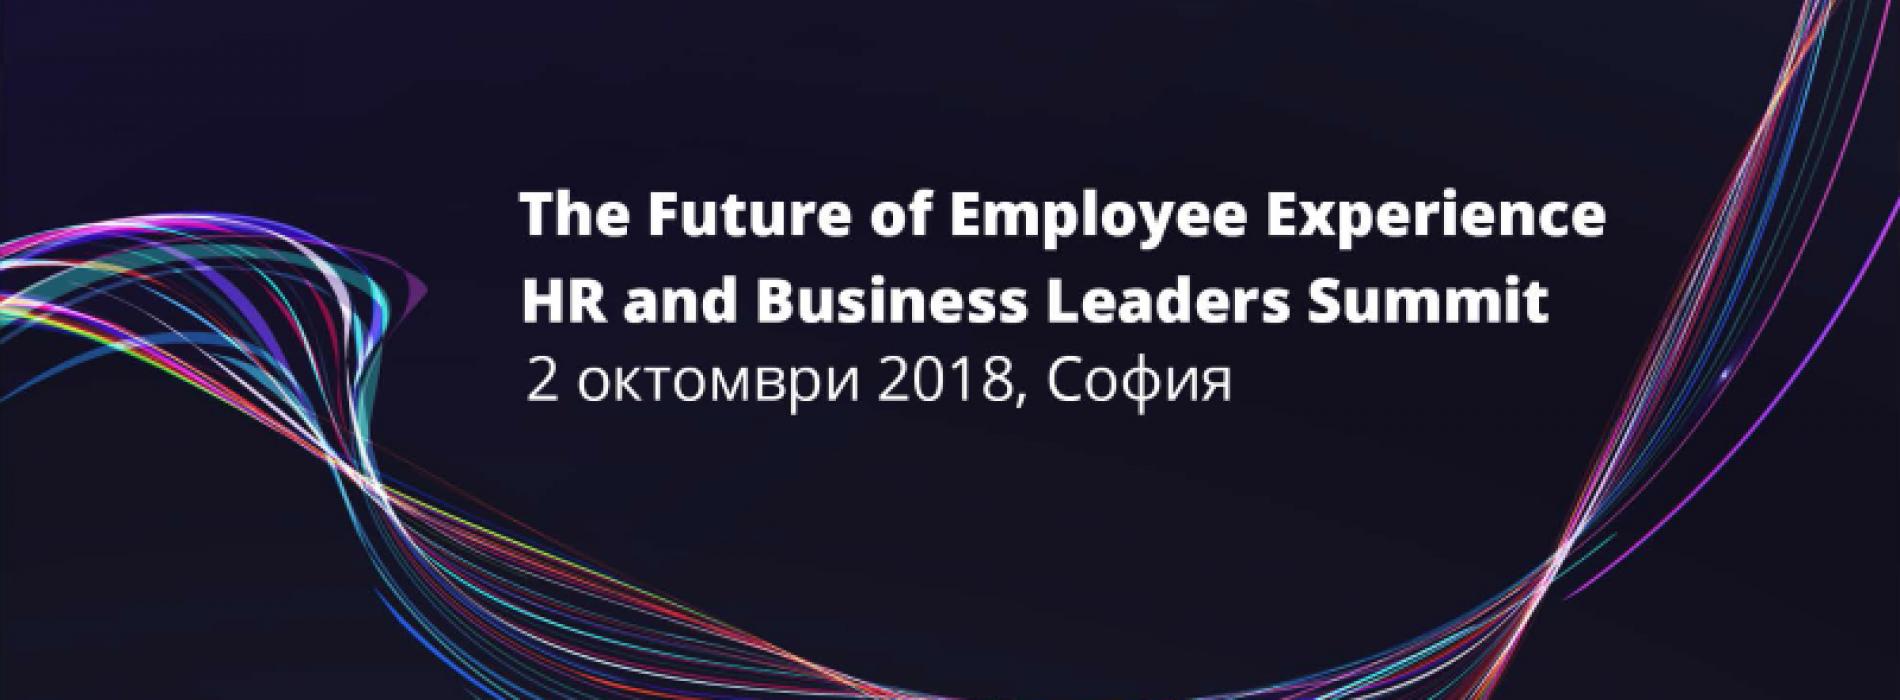 Все повече фокусът на фирмите и специалистите по подбор и човешки ресурси се премества върху развитието на хората